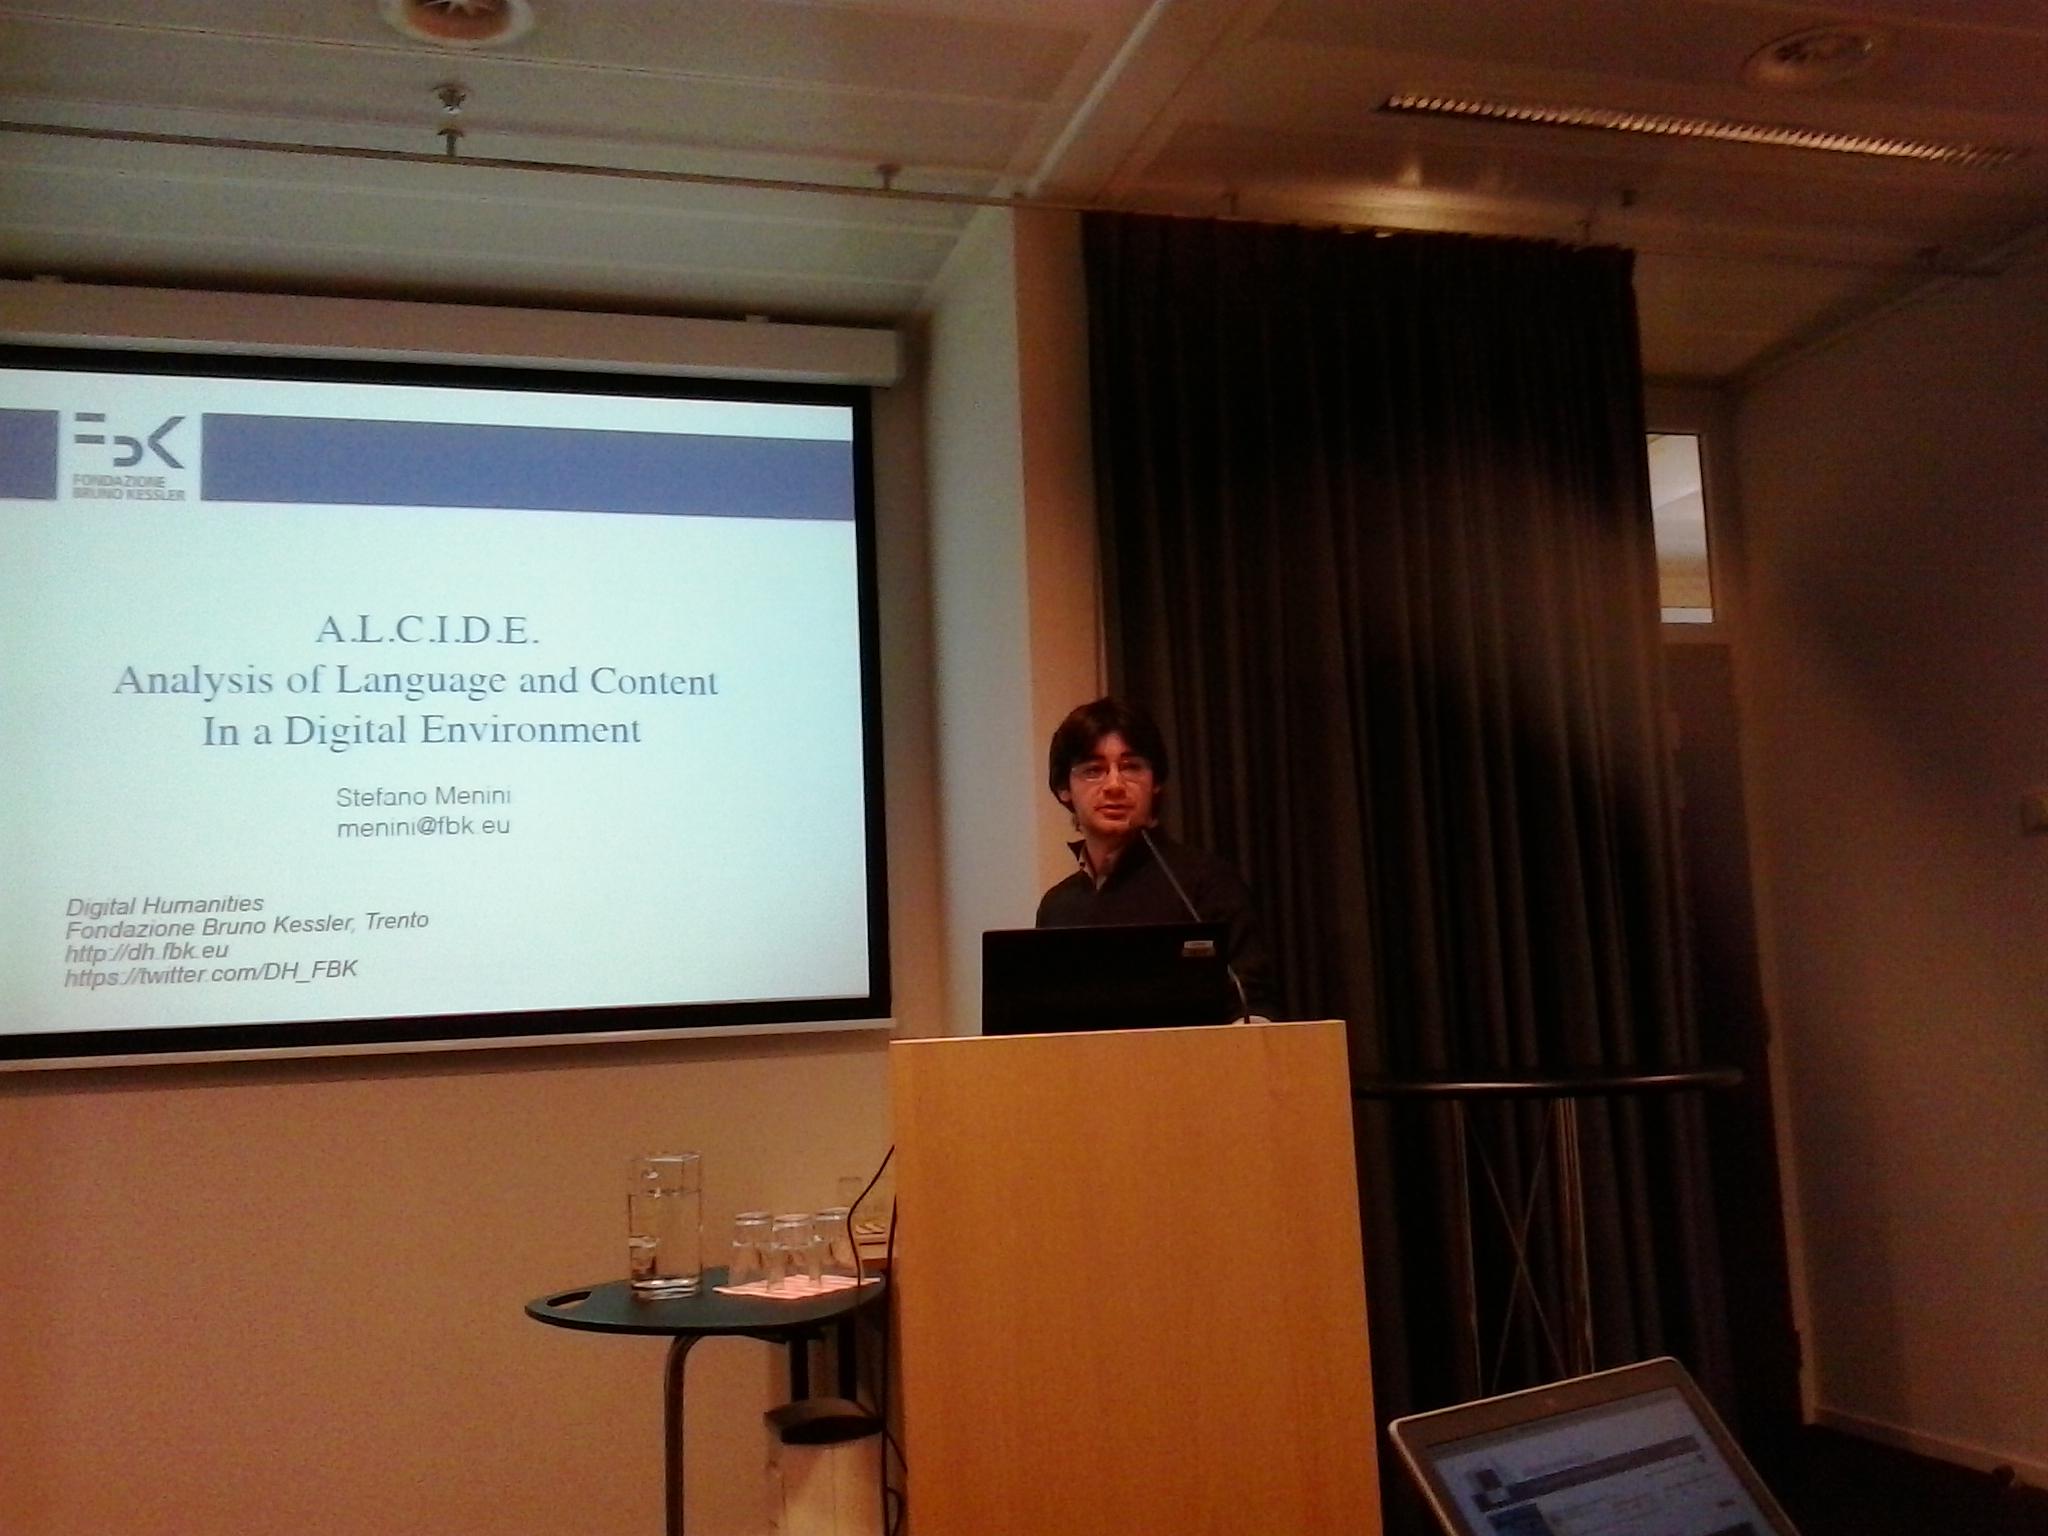 Stefano Menini presenting ALCIDE